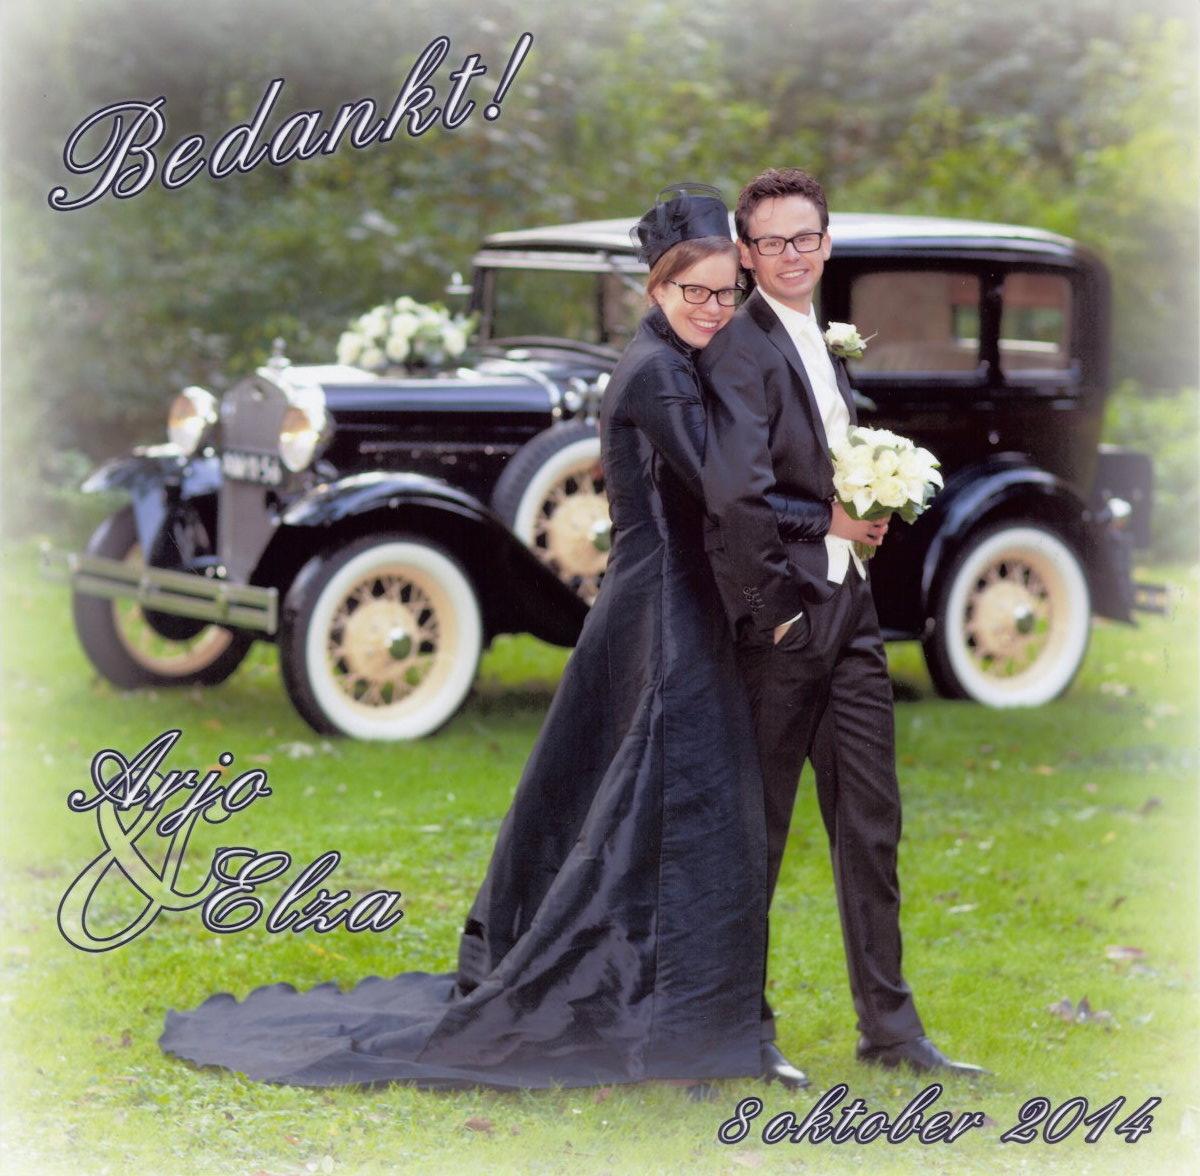 Bruidspaar Arjo Verweij & Elza Verheij (14-10-08)